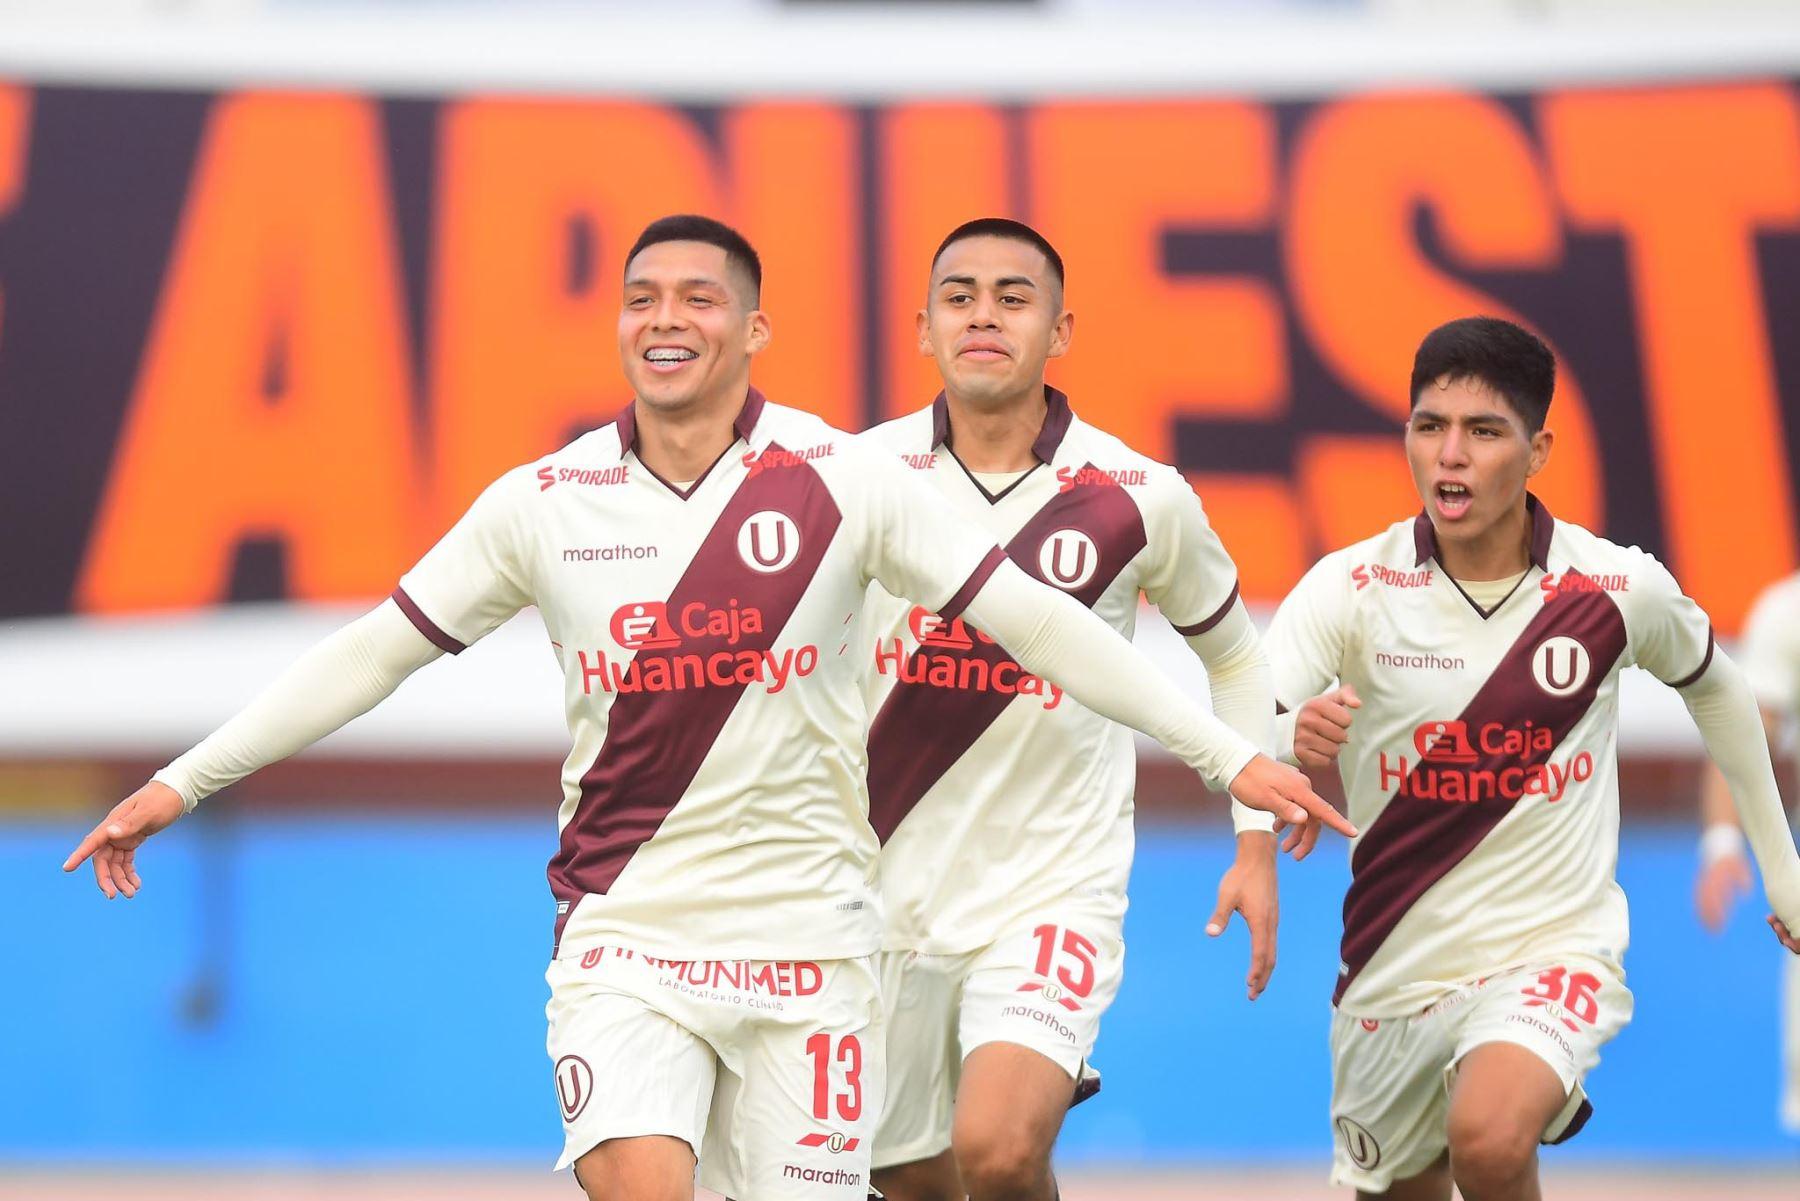 Gerson Barreto de Universitario celebra con sus compañeros tras anotar el 1-0 ante Alianza Atlético durante partido por la primera fecha de la Liga 1, en el Estadio Miguel Grau del Callao. Foto: Liga 1